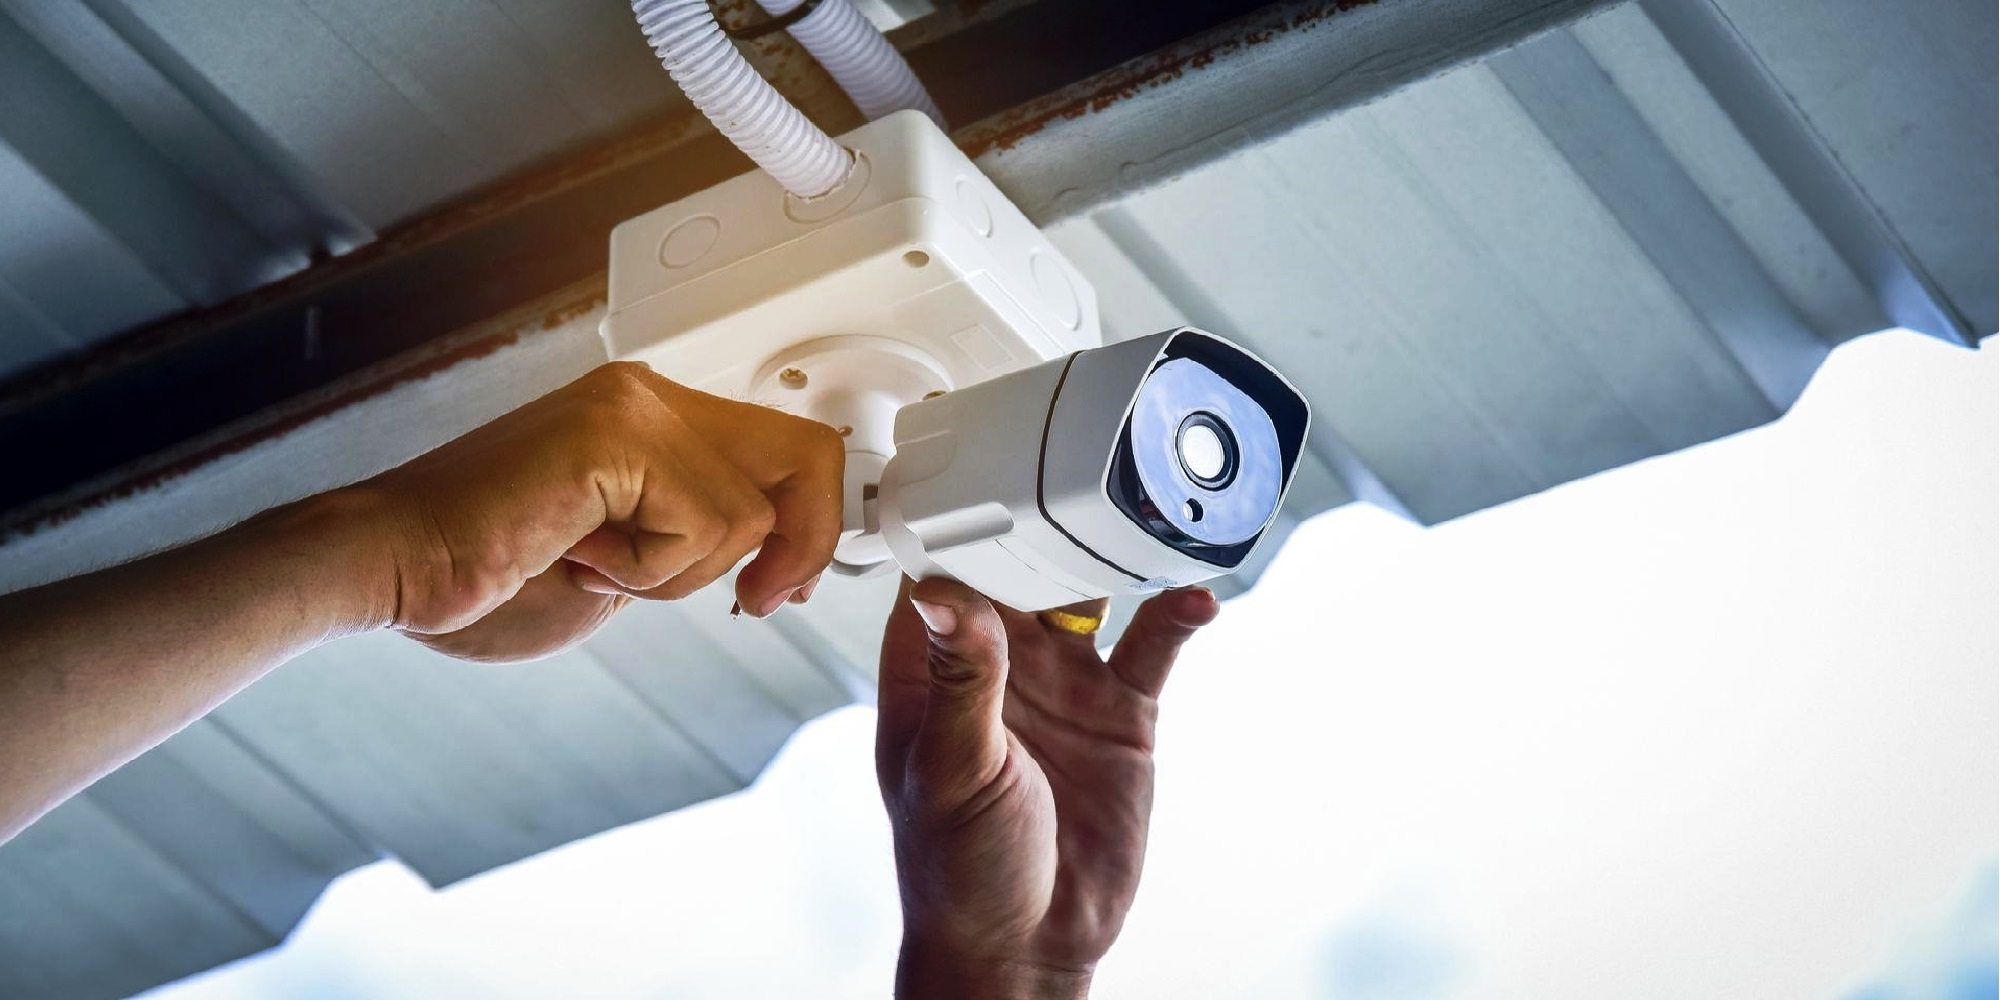 Установка систем видеонаблюдения - тема материала, актуального не только для владельцев нефтехимических предприятий, но и для рядовых пользователей